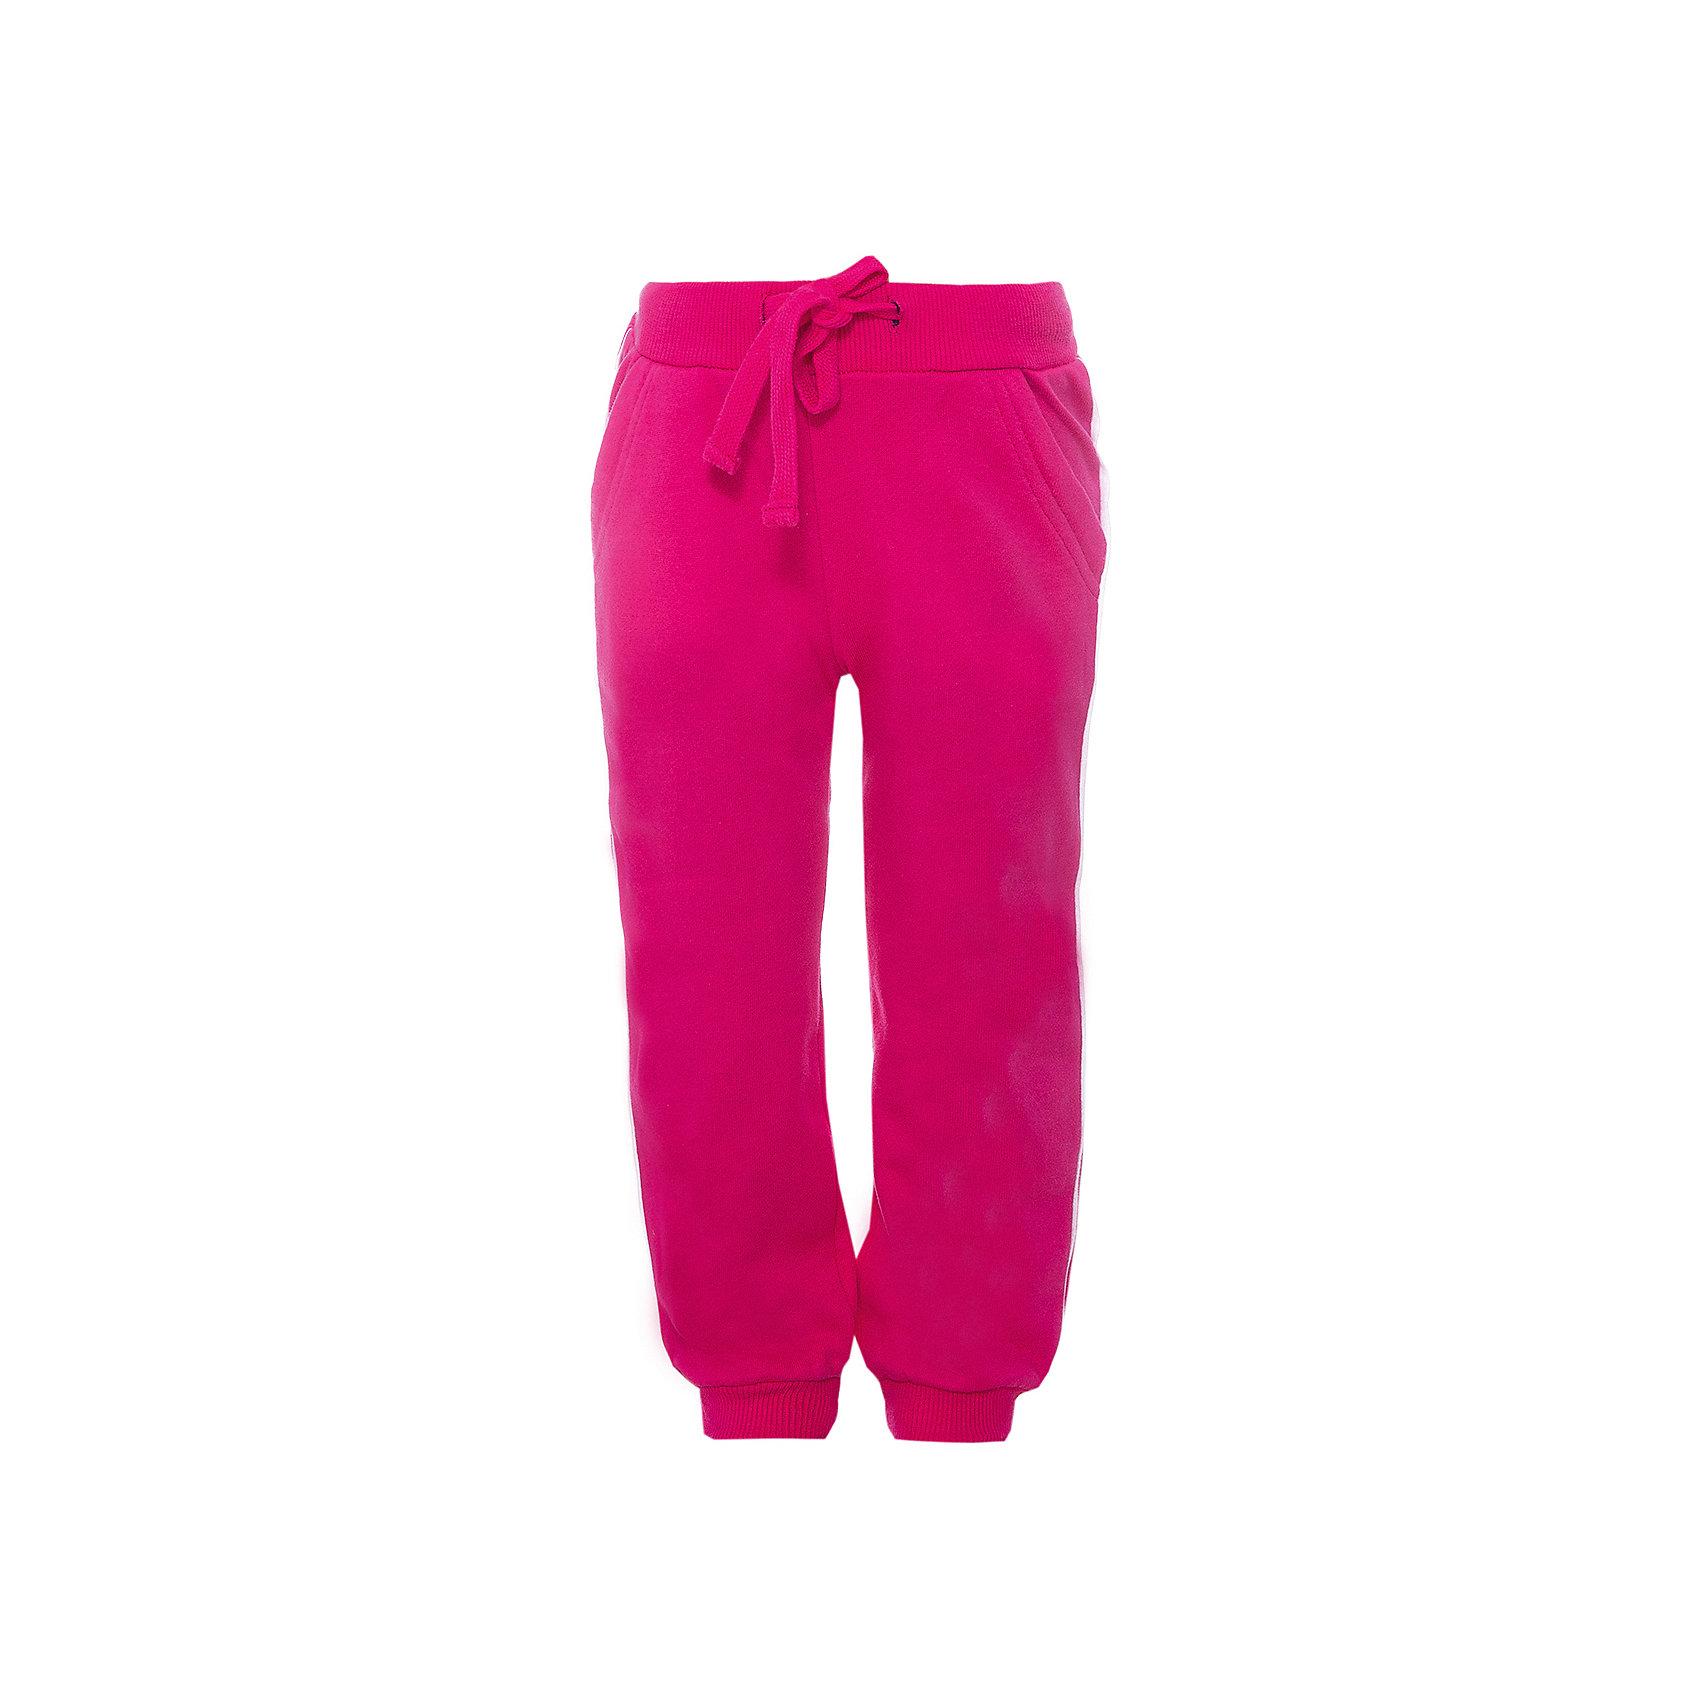 Брюки для девочки PlayTodayБрюки<br>Брюки для девочки от известного бренда PlayToday.<br>Яркие розовые брюки из футера в спортивном стиле. Пояс на резинке, дополнительно регулируется шнурком. По бокам лампасы. Есть два функциональных кармана. Низ шианишек на трикотажной резинке.<br>Состав:<br>80% хлопок, 20% полиэстер<br><br>Ширина мм: 215<br>Глубина мм: 88<br>Высота мм: 191<br>Вес г: 336<br>Цвет: розовый<br>Возраст от месяцев: 84<br>Возраст до месяцев: 96<br>Пол: Женский<br>Возраст: Детский<br>Размер: 128,110,116,98,134,140,122,104<br>SKU: 4897782